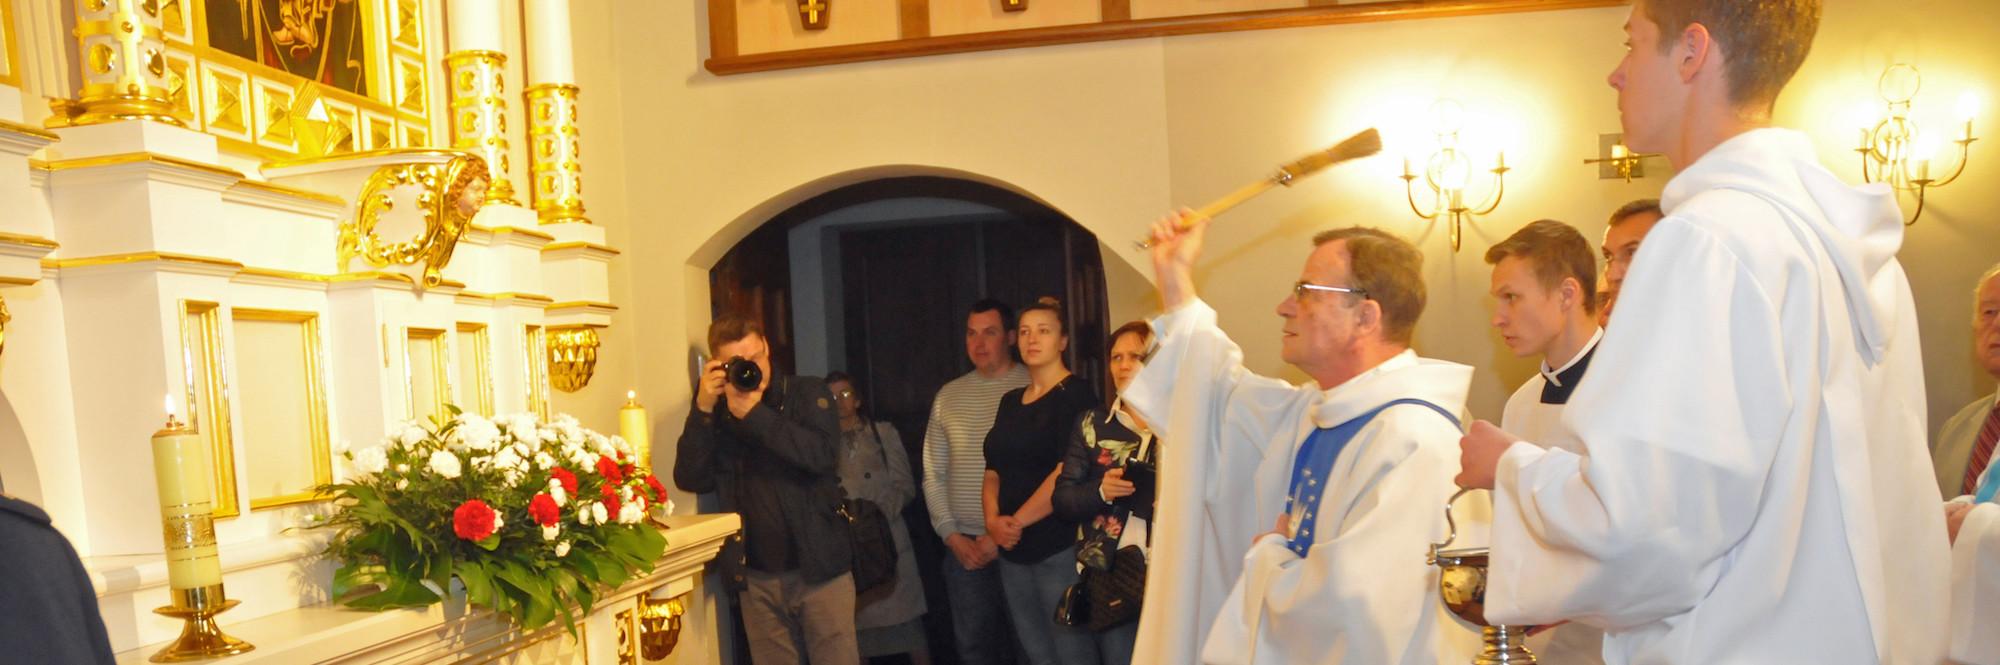 Poświęcenie ołtarza Matki Bożej i św. Józefa